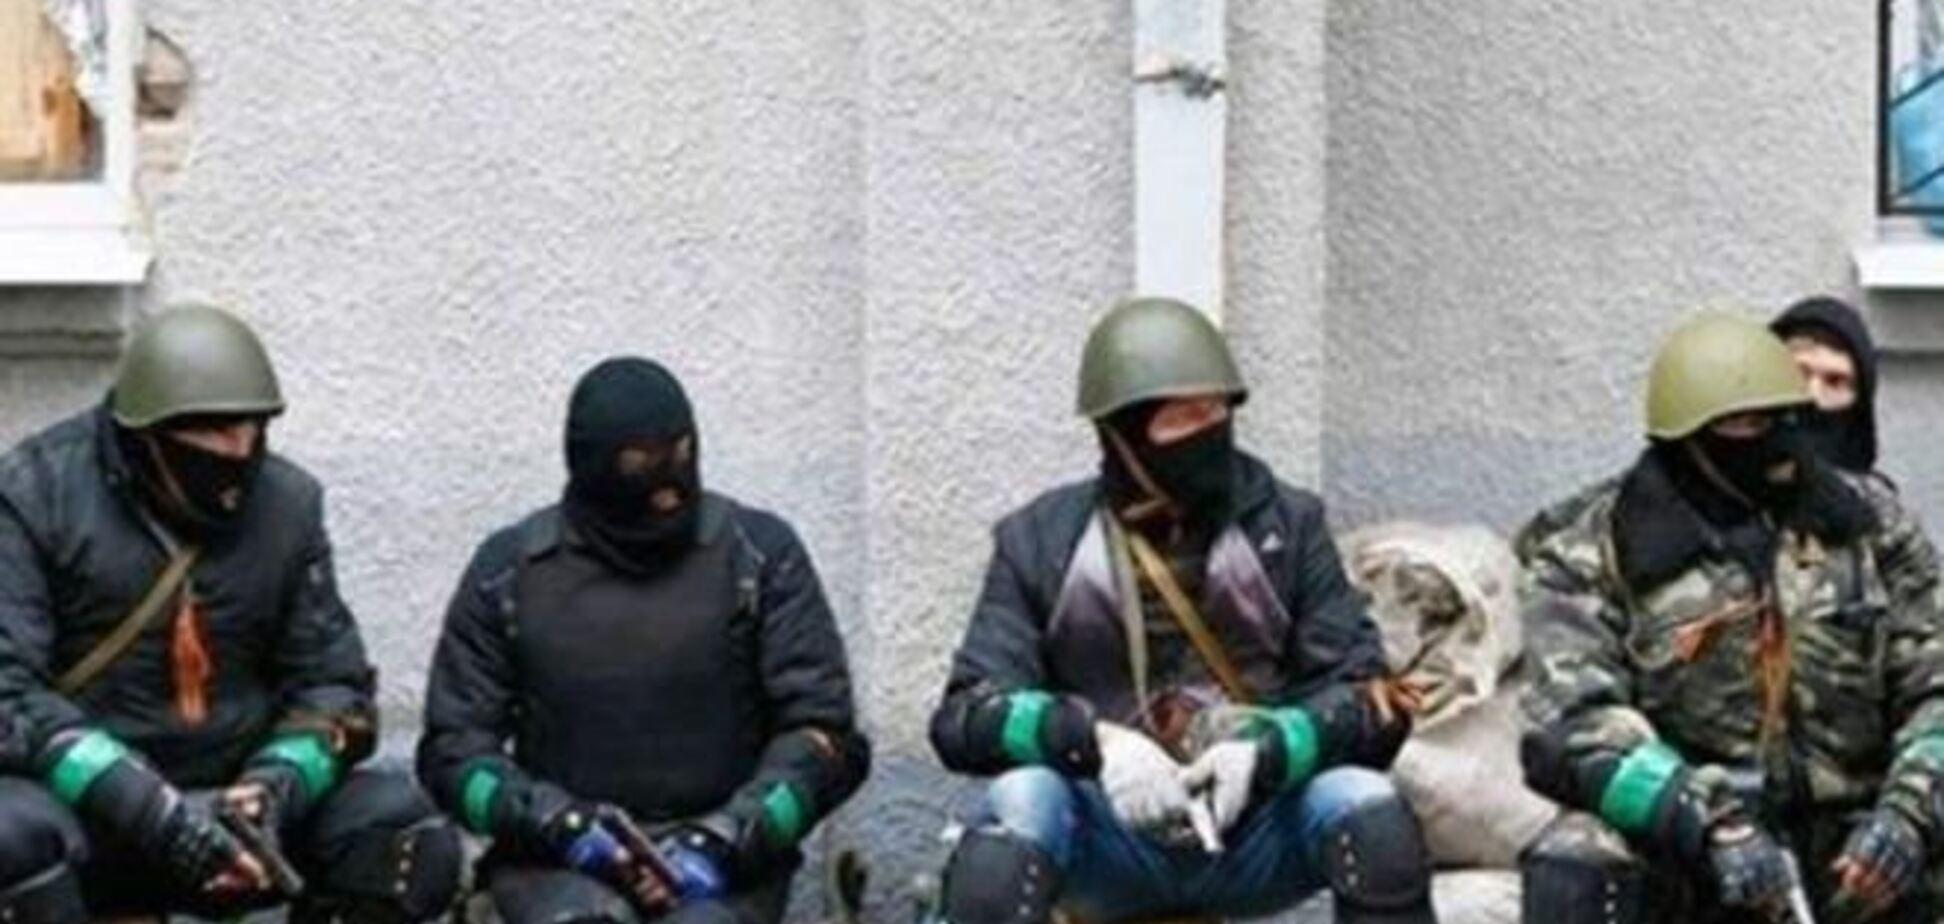 Оробец: донецкие 'волонтеры' убили 10 сепаратистов